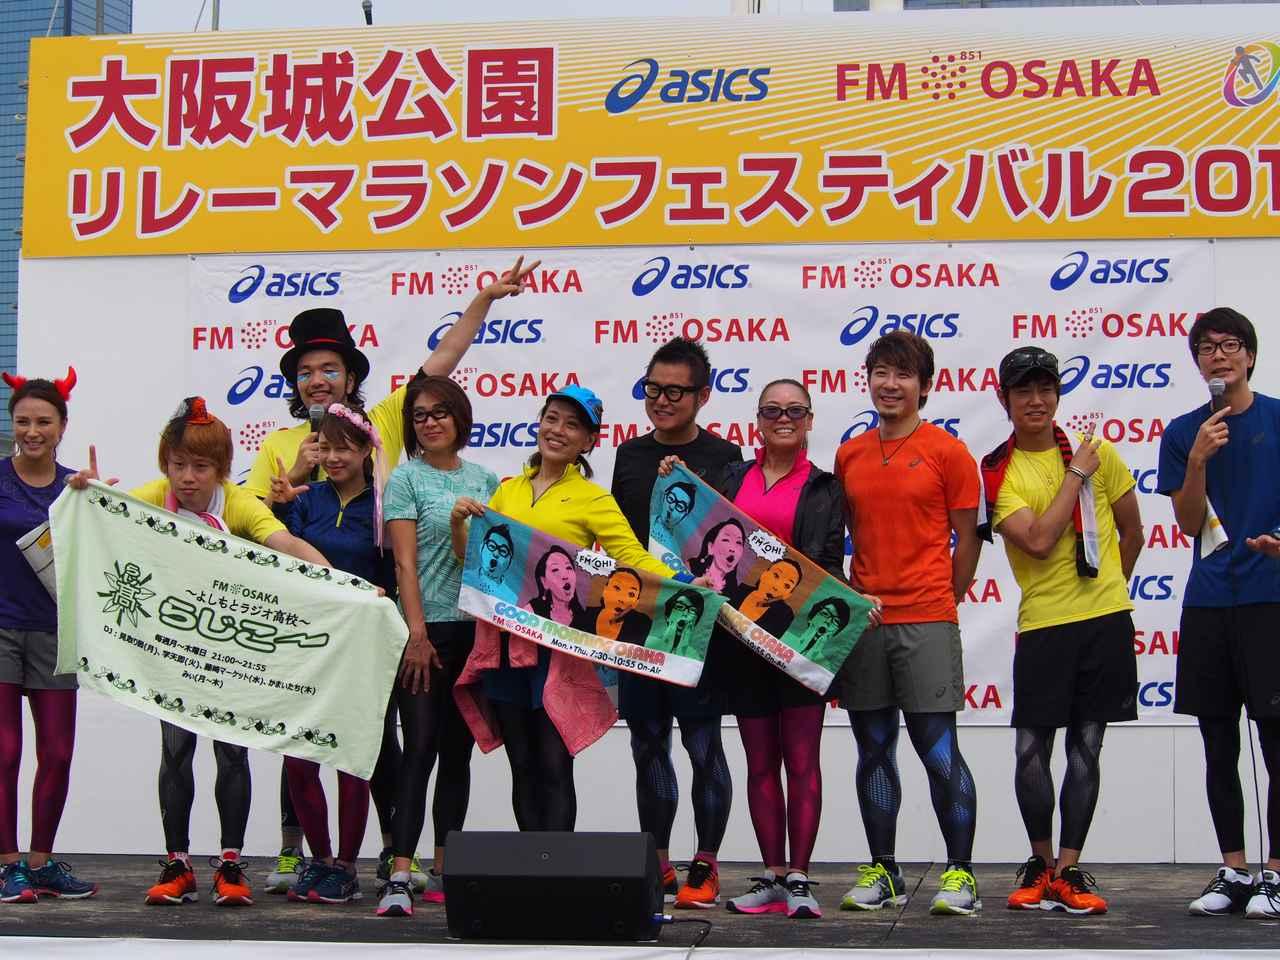 画像3: 10/5 GOOD MORNING OSAKA